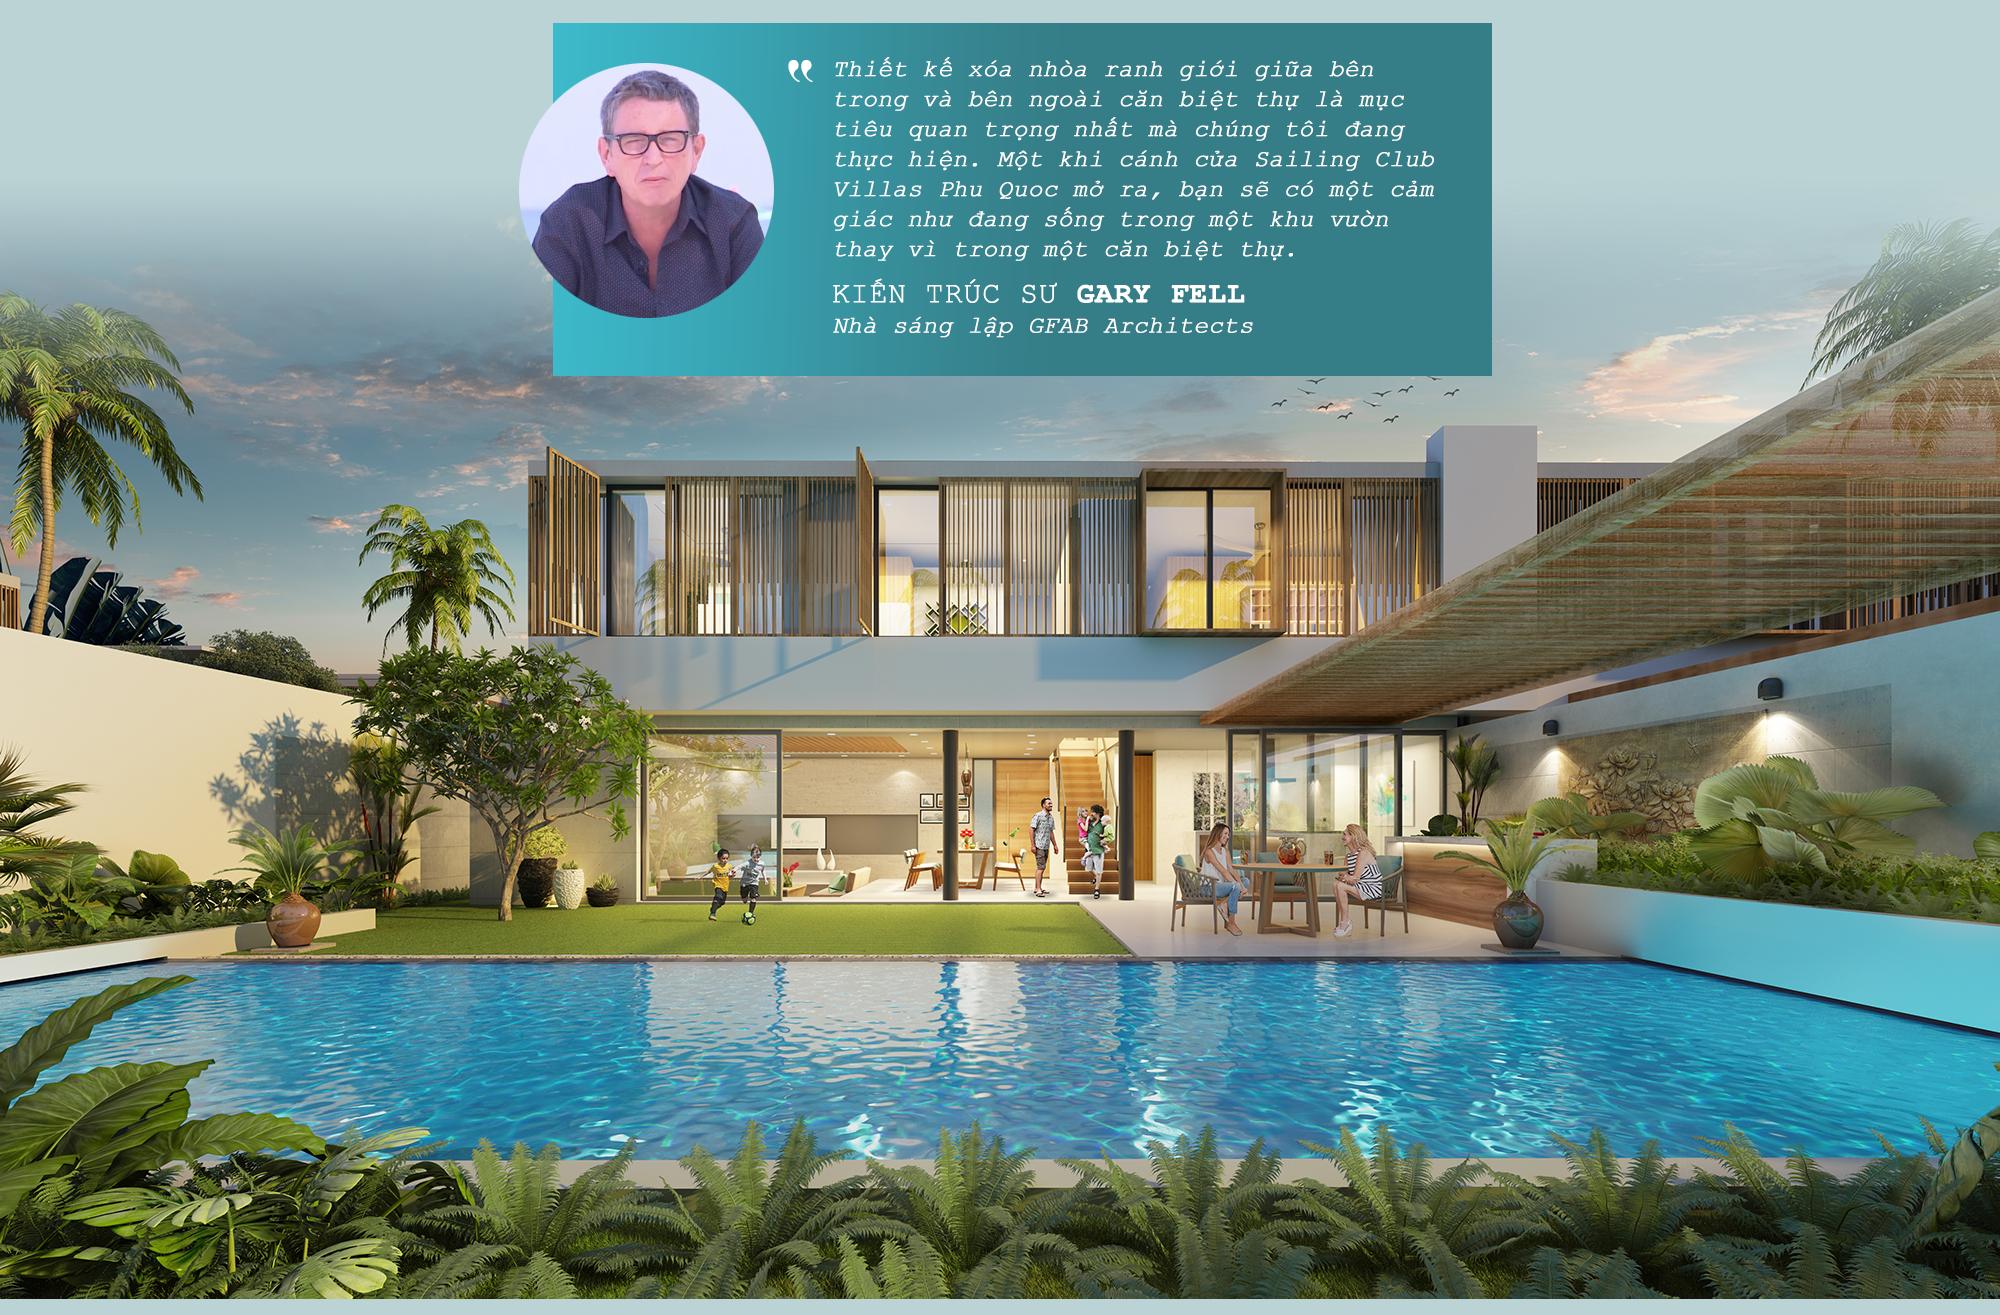 Hơi thở thiên nhiên trong những căn biệt thự của BIM Group trên đảo ngọc Phú Quốc - Ảnh 6.